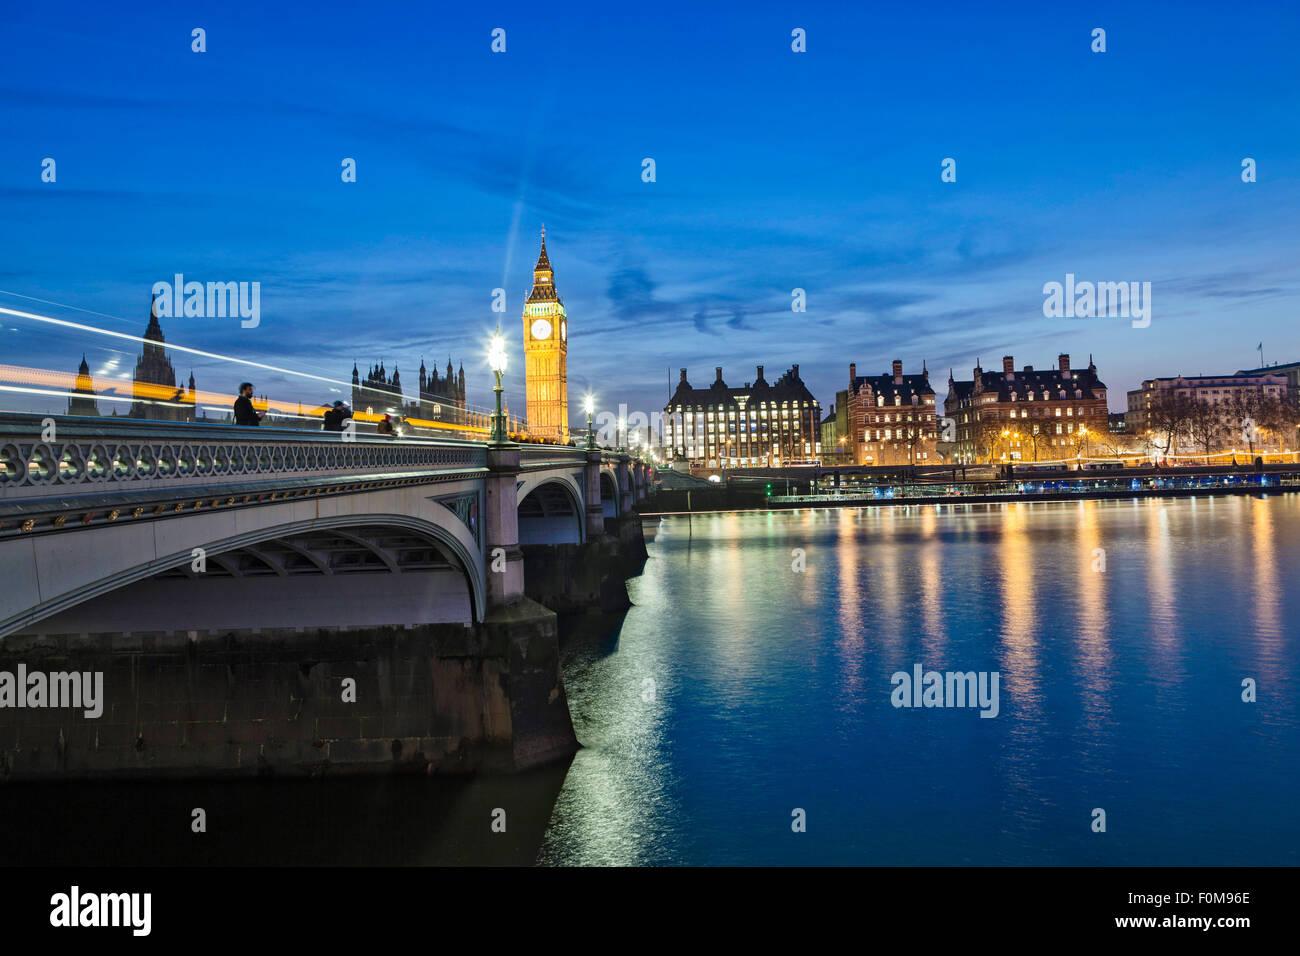 El puente de Westminster y las casas de estilo neo-gótico del Parlamento por Charles Barry y Augustus Pugin, Imagen De Stock